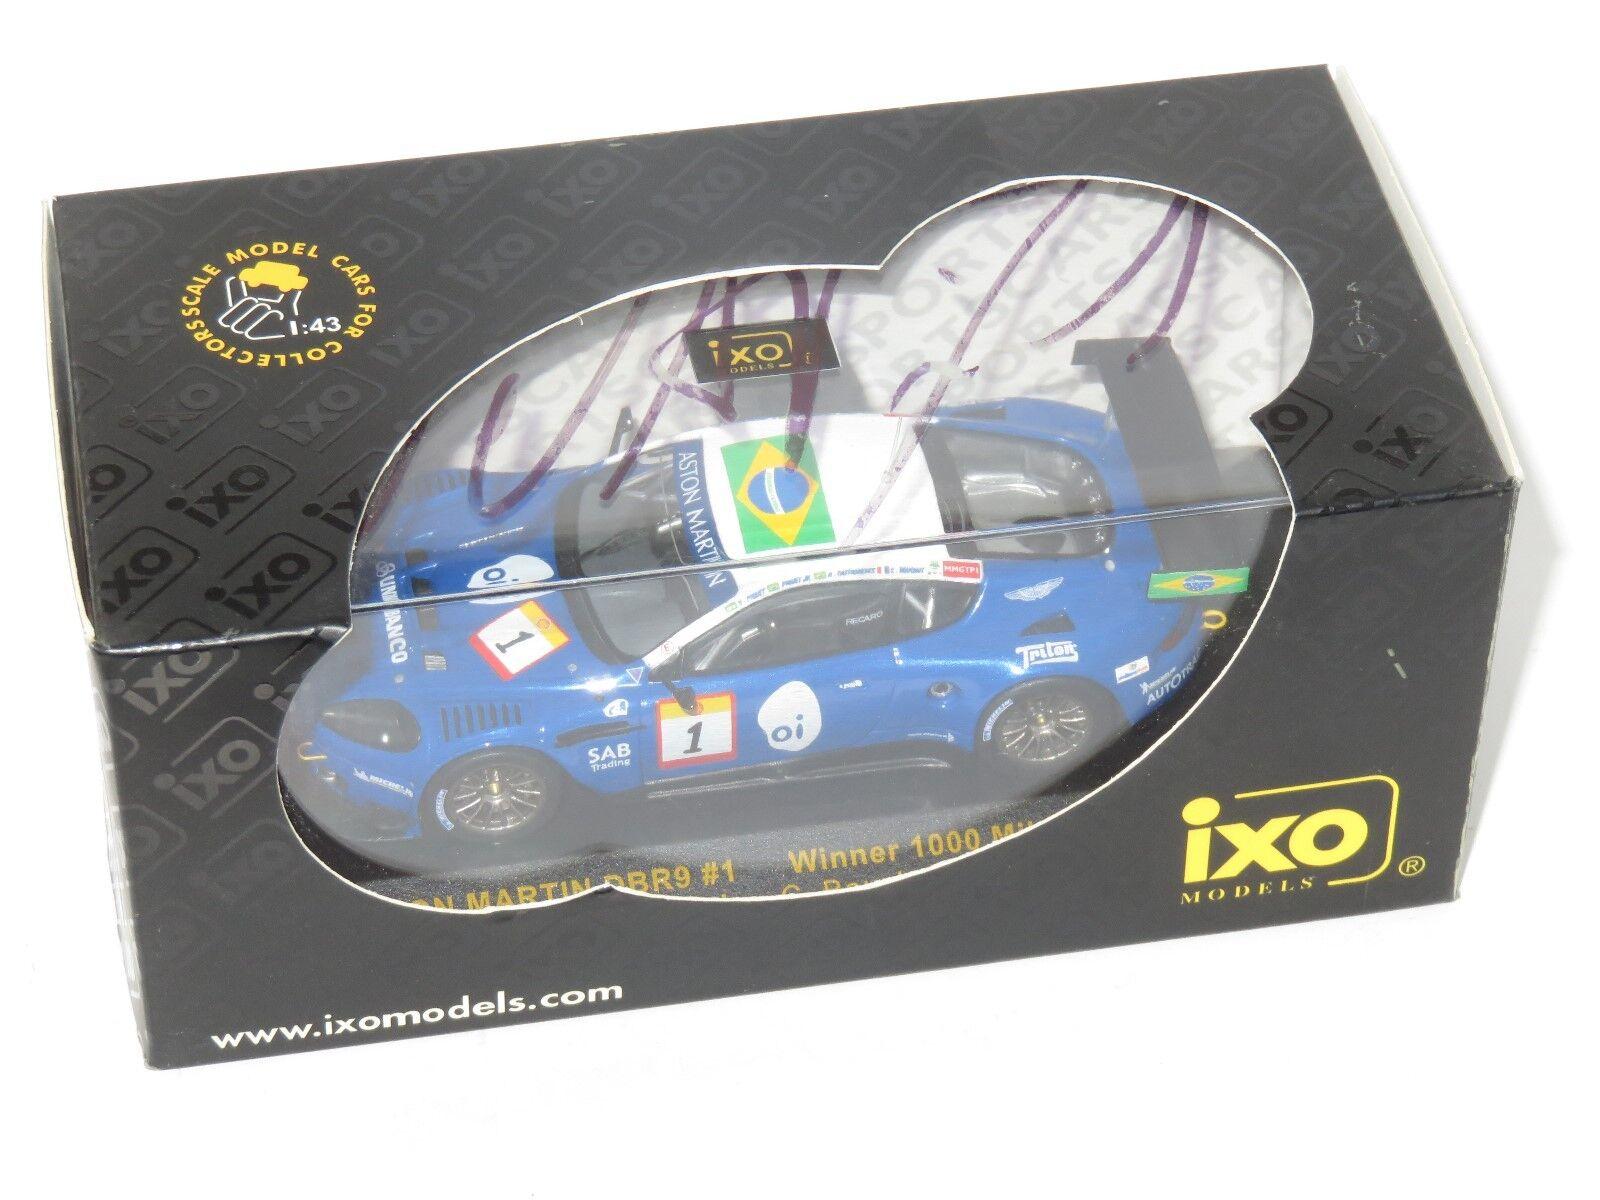 1/43 ASTON MARTIN DBR9 1st 1000 MIGLIA BRASILE 2006 Scatola firmato N. Piquet Jnr.